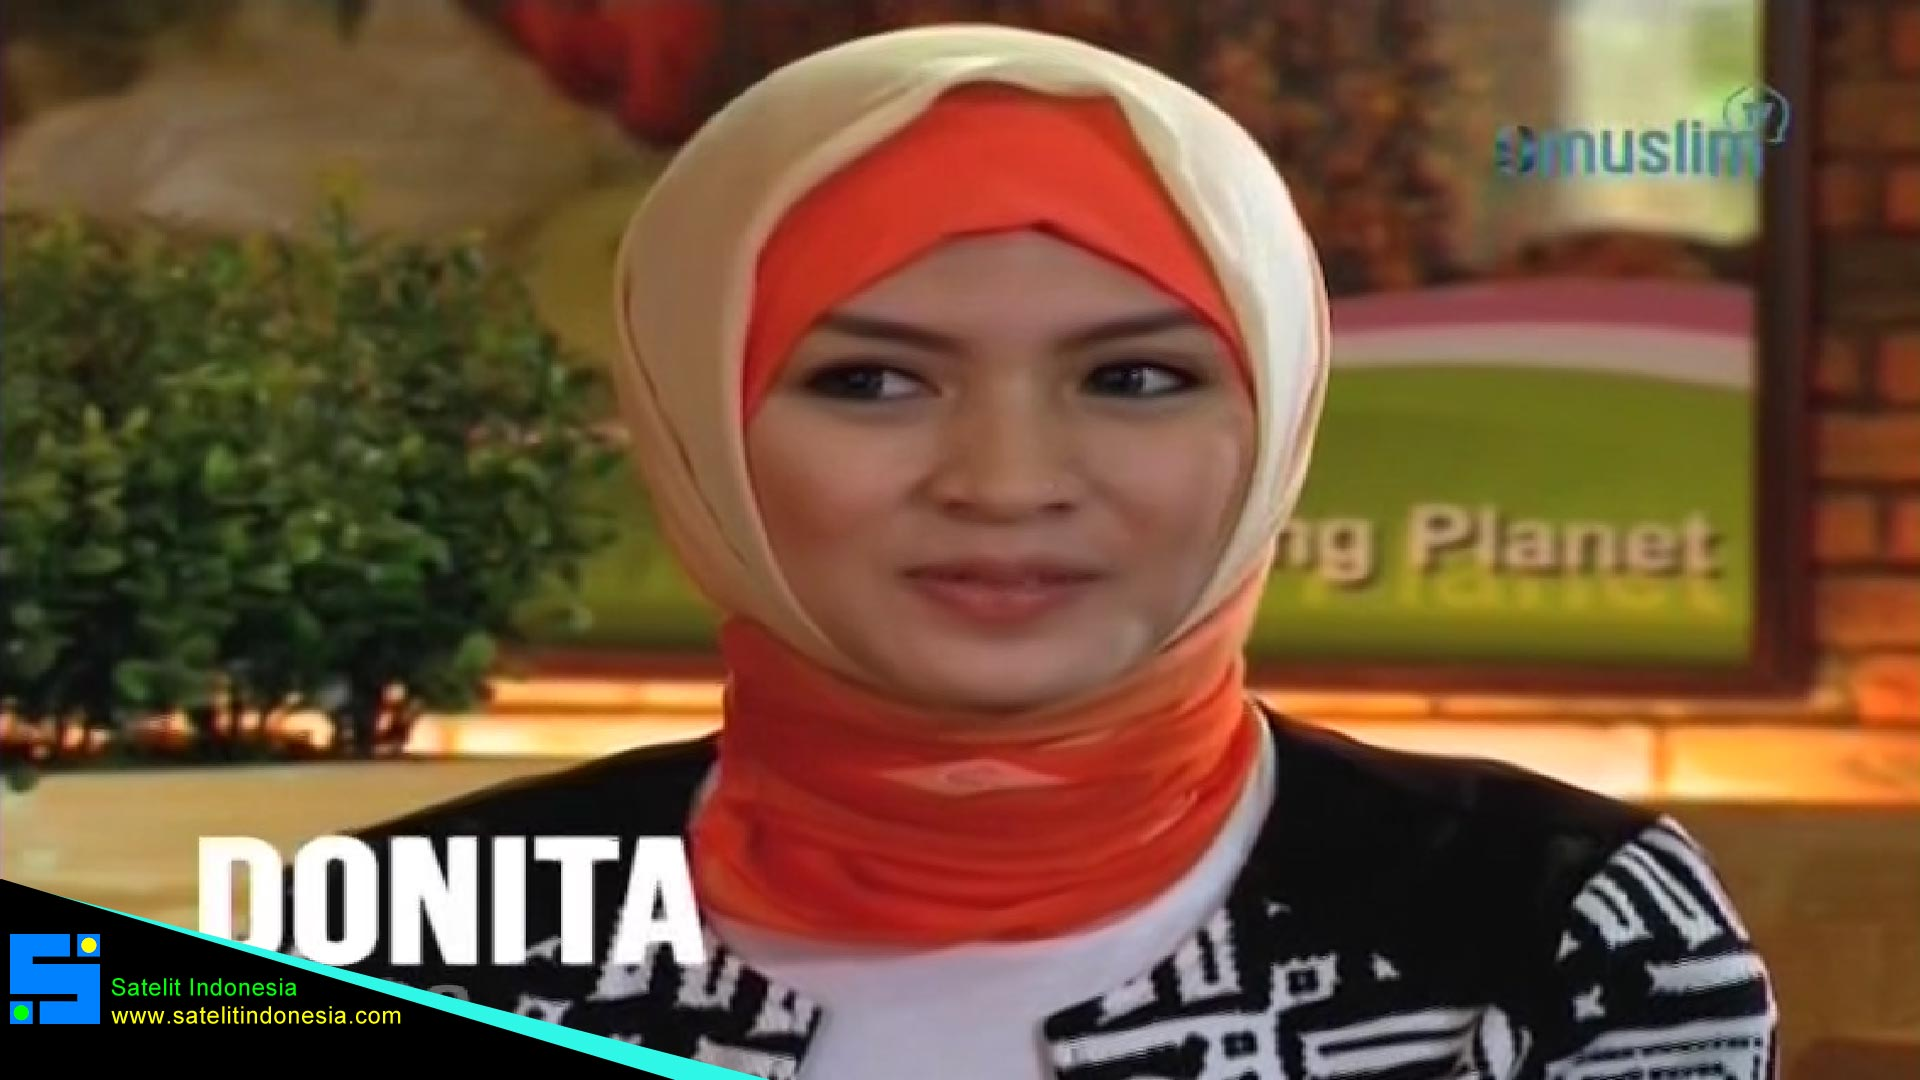 Frekuensi siaran Muslim TV di satelit Measat 3a Terbaru